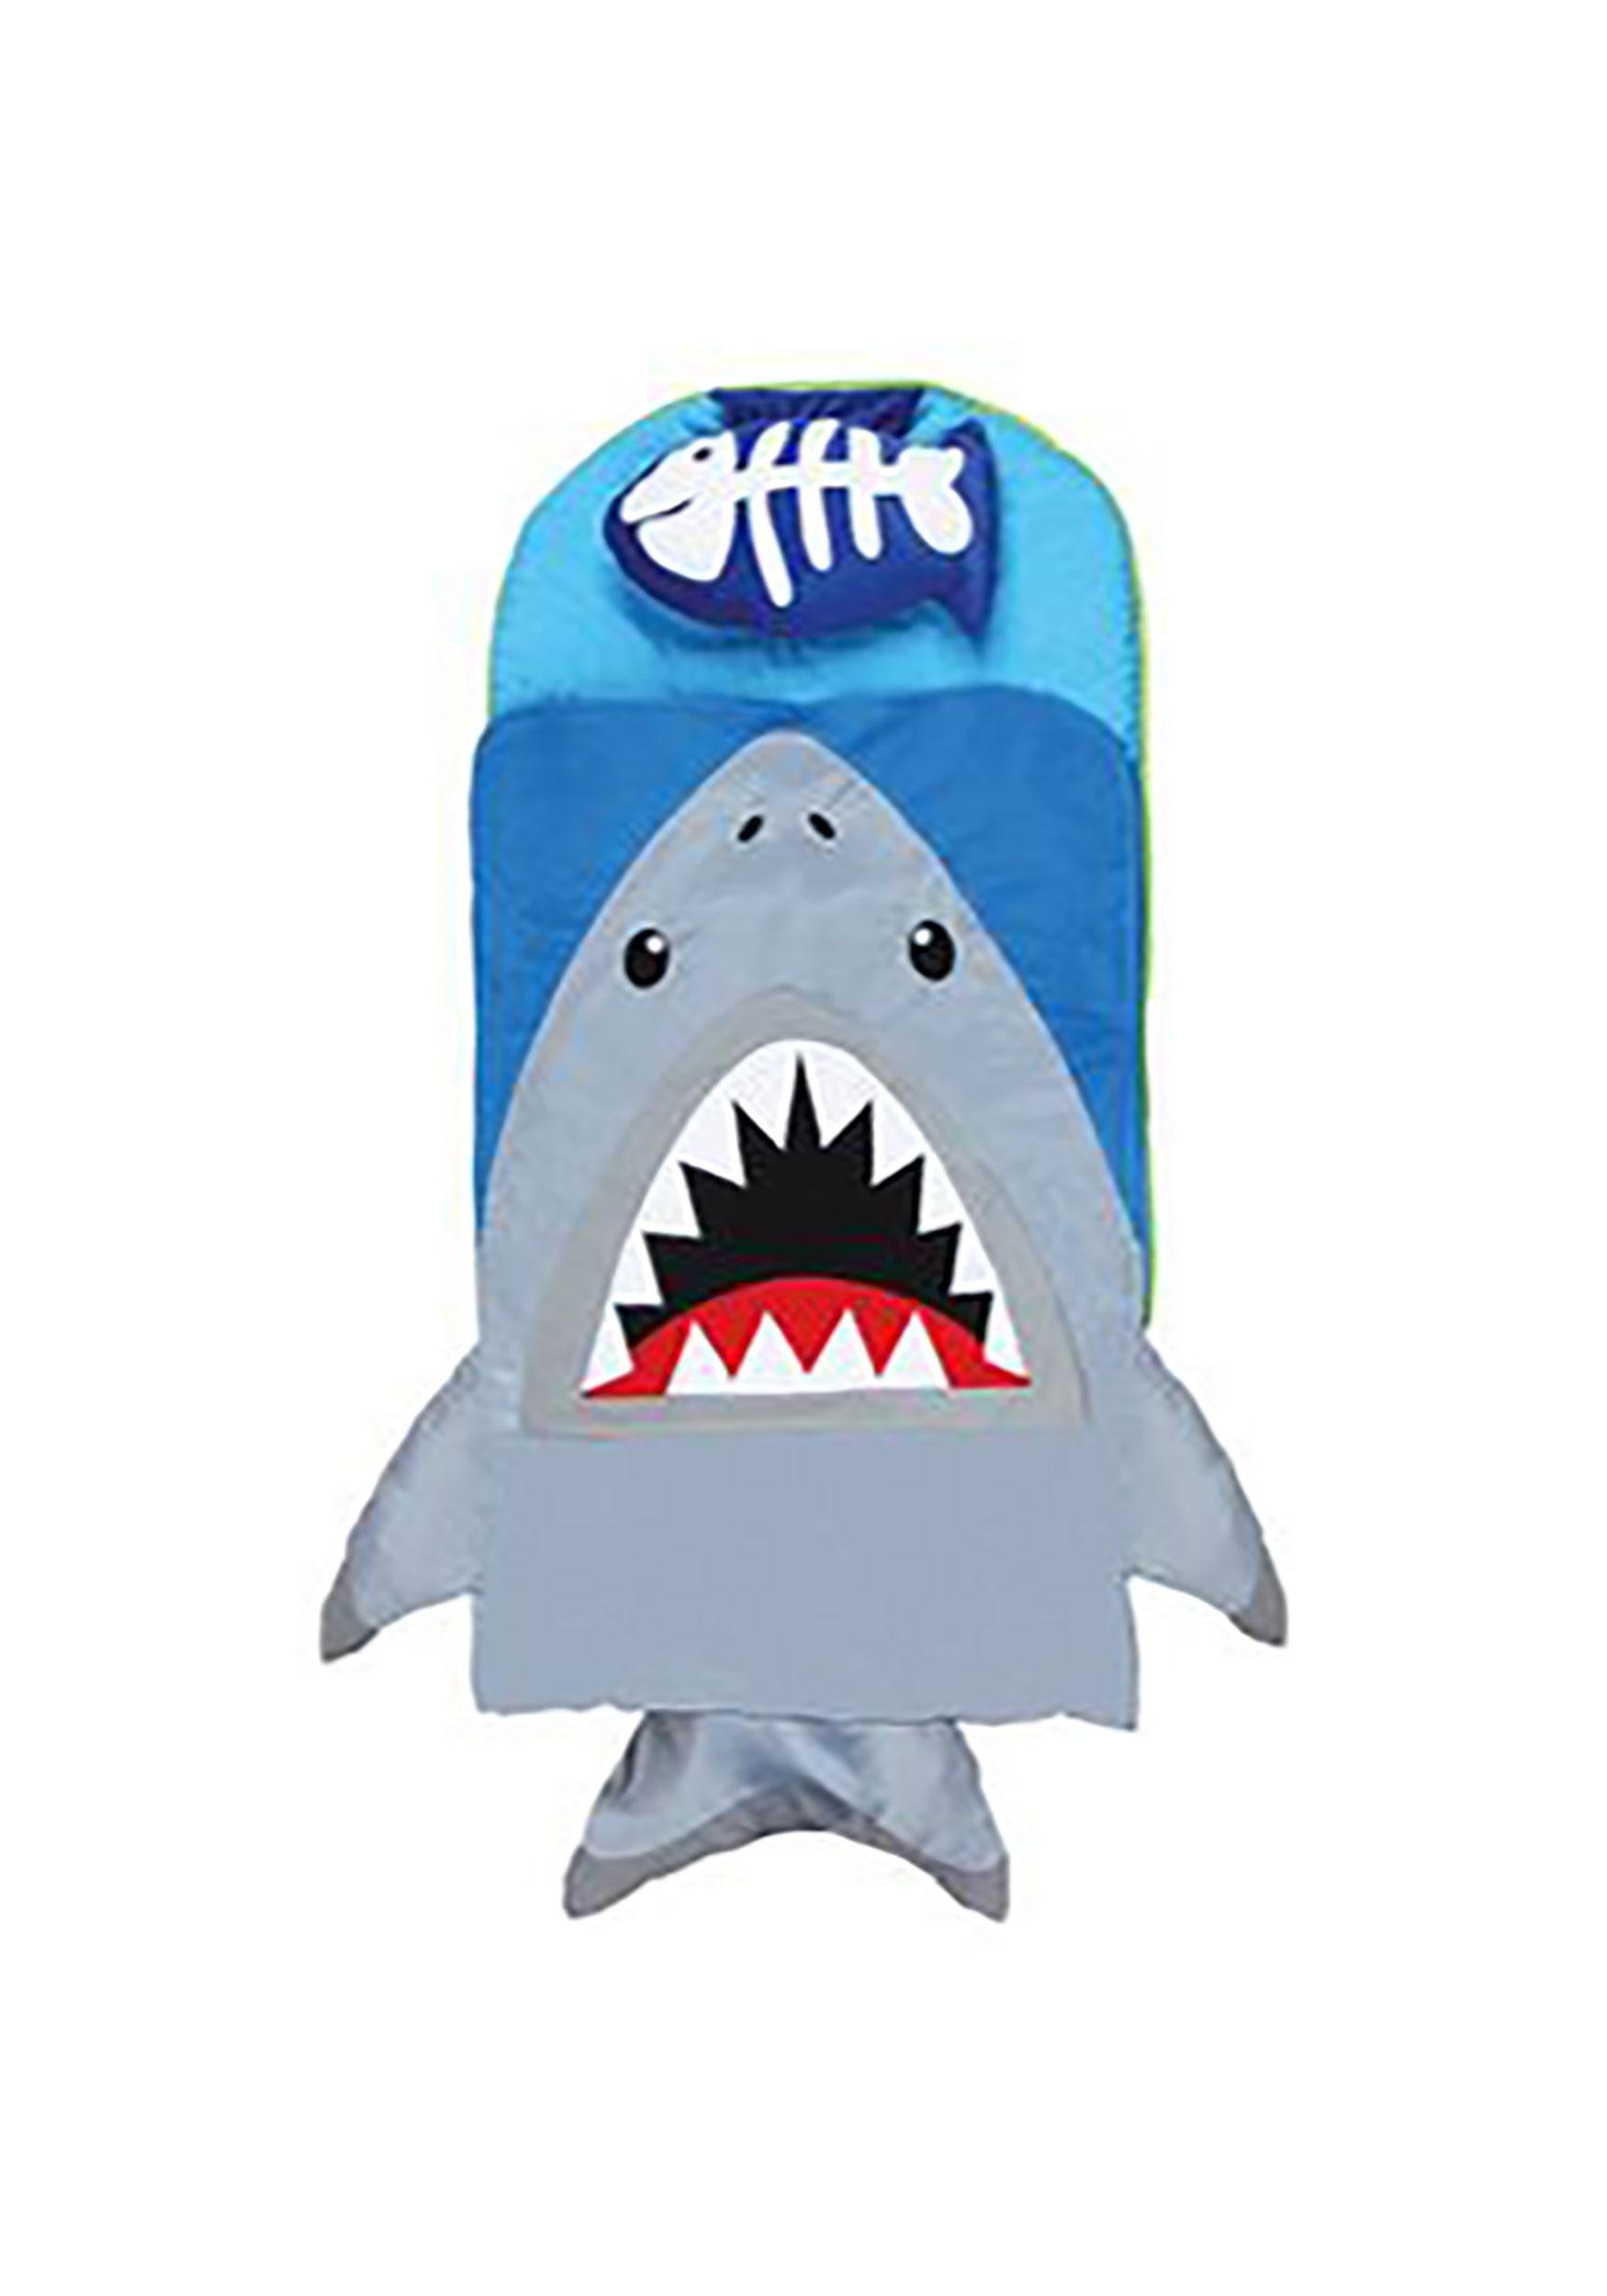 Stephen Joseph Shark Character Nap Mat